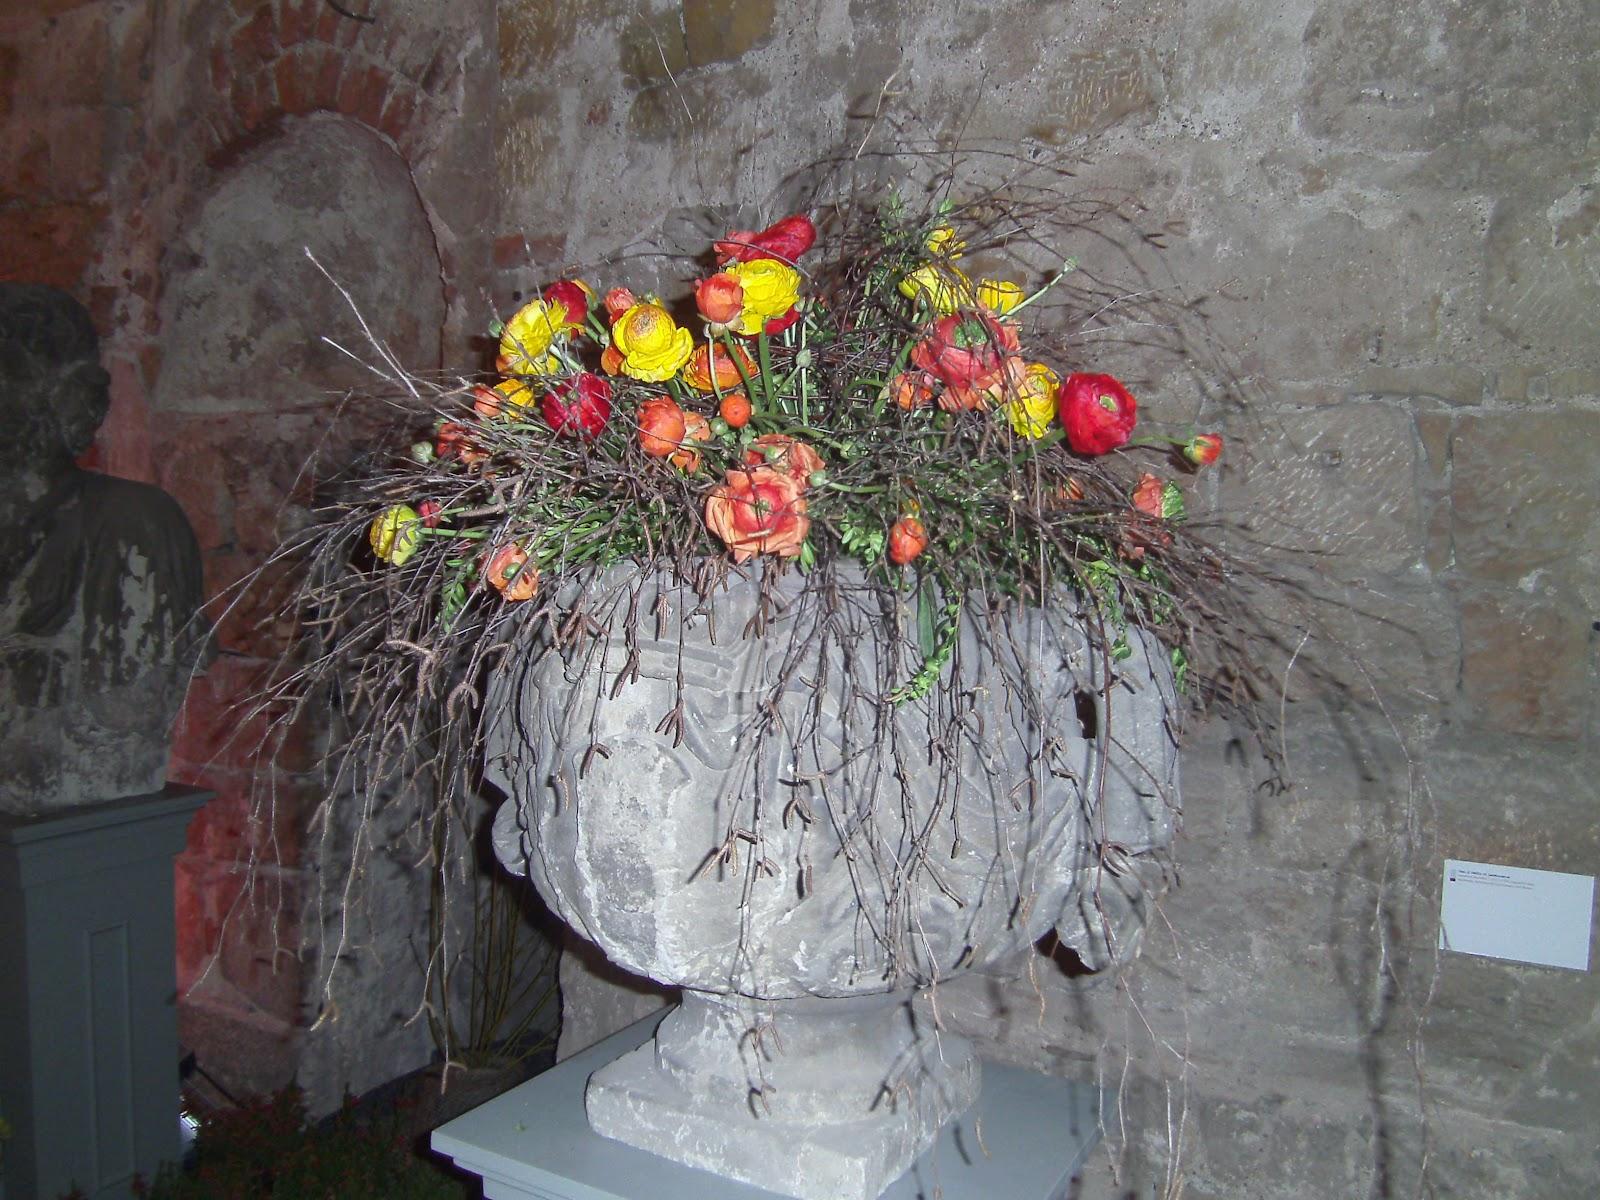 fr hlingsfloristik floristics in springtime. Black Bedroom Furniture Sets. Home Design Ideas